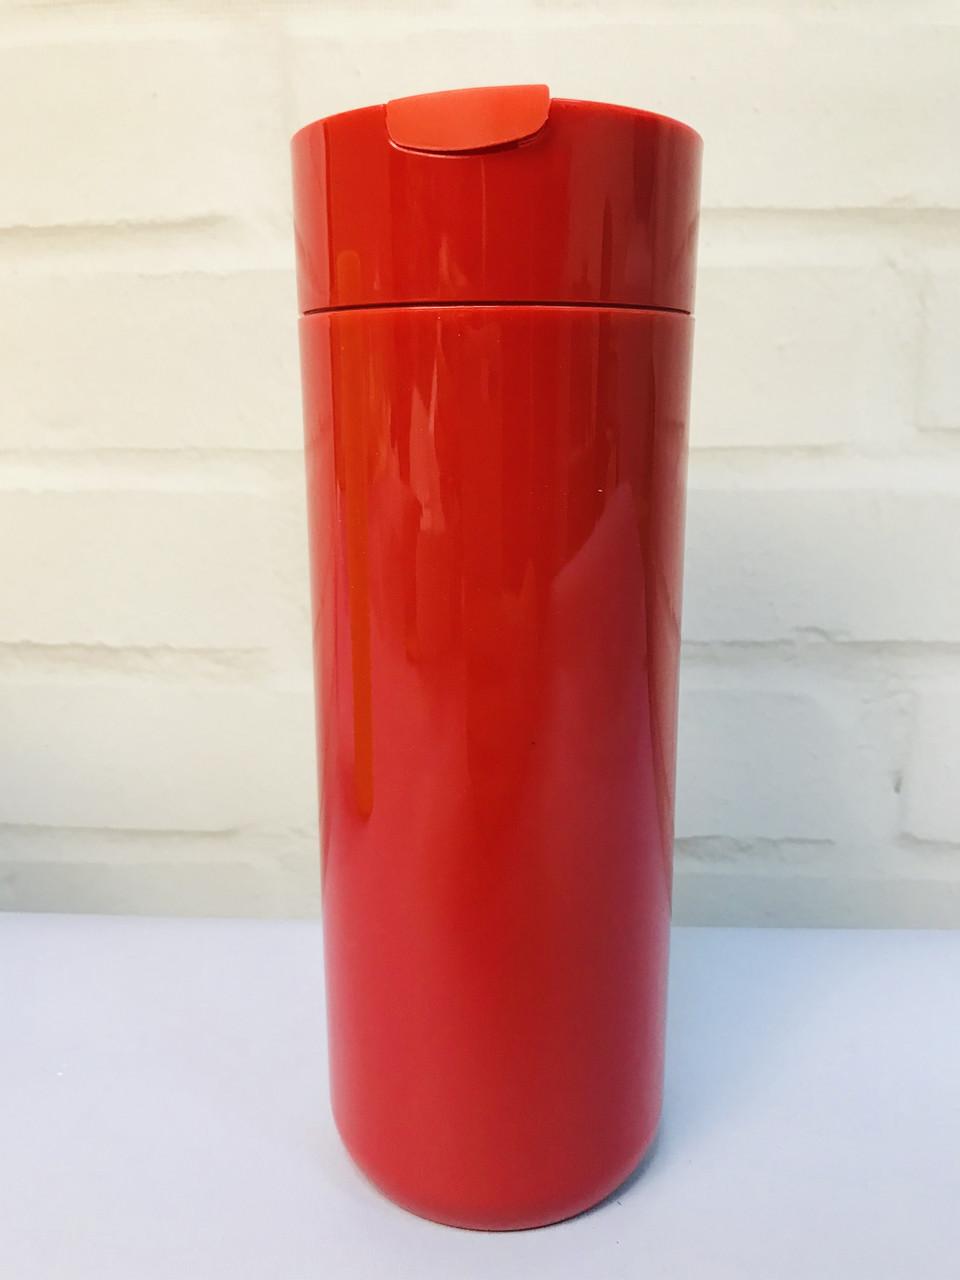 Компактный Антигравитационный Мини-термос 400 мл Never spill over. Лучшая Цена! - фото 4